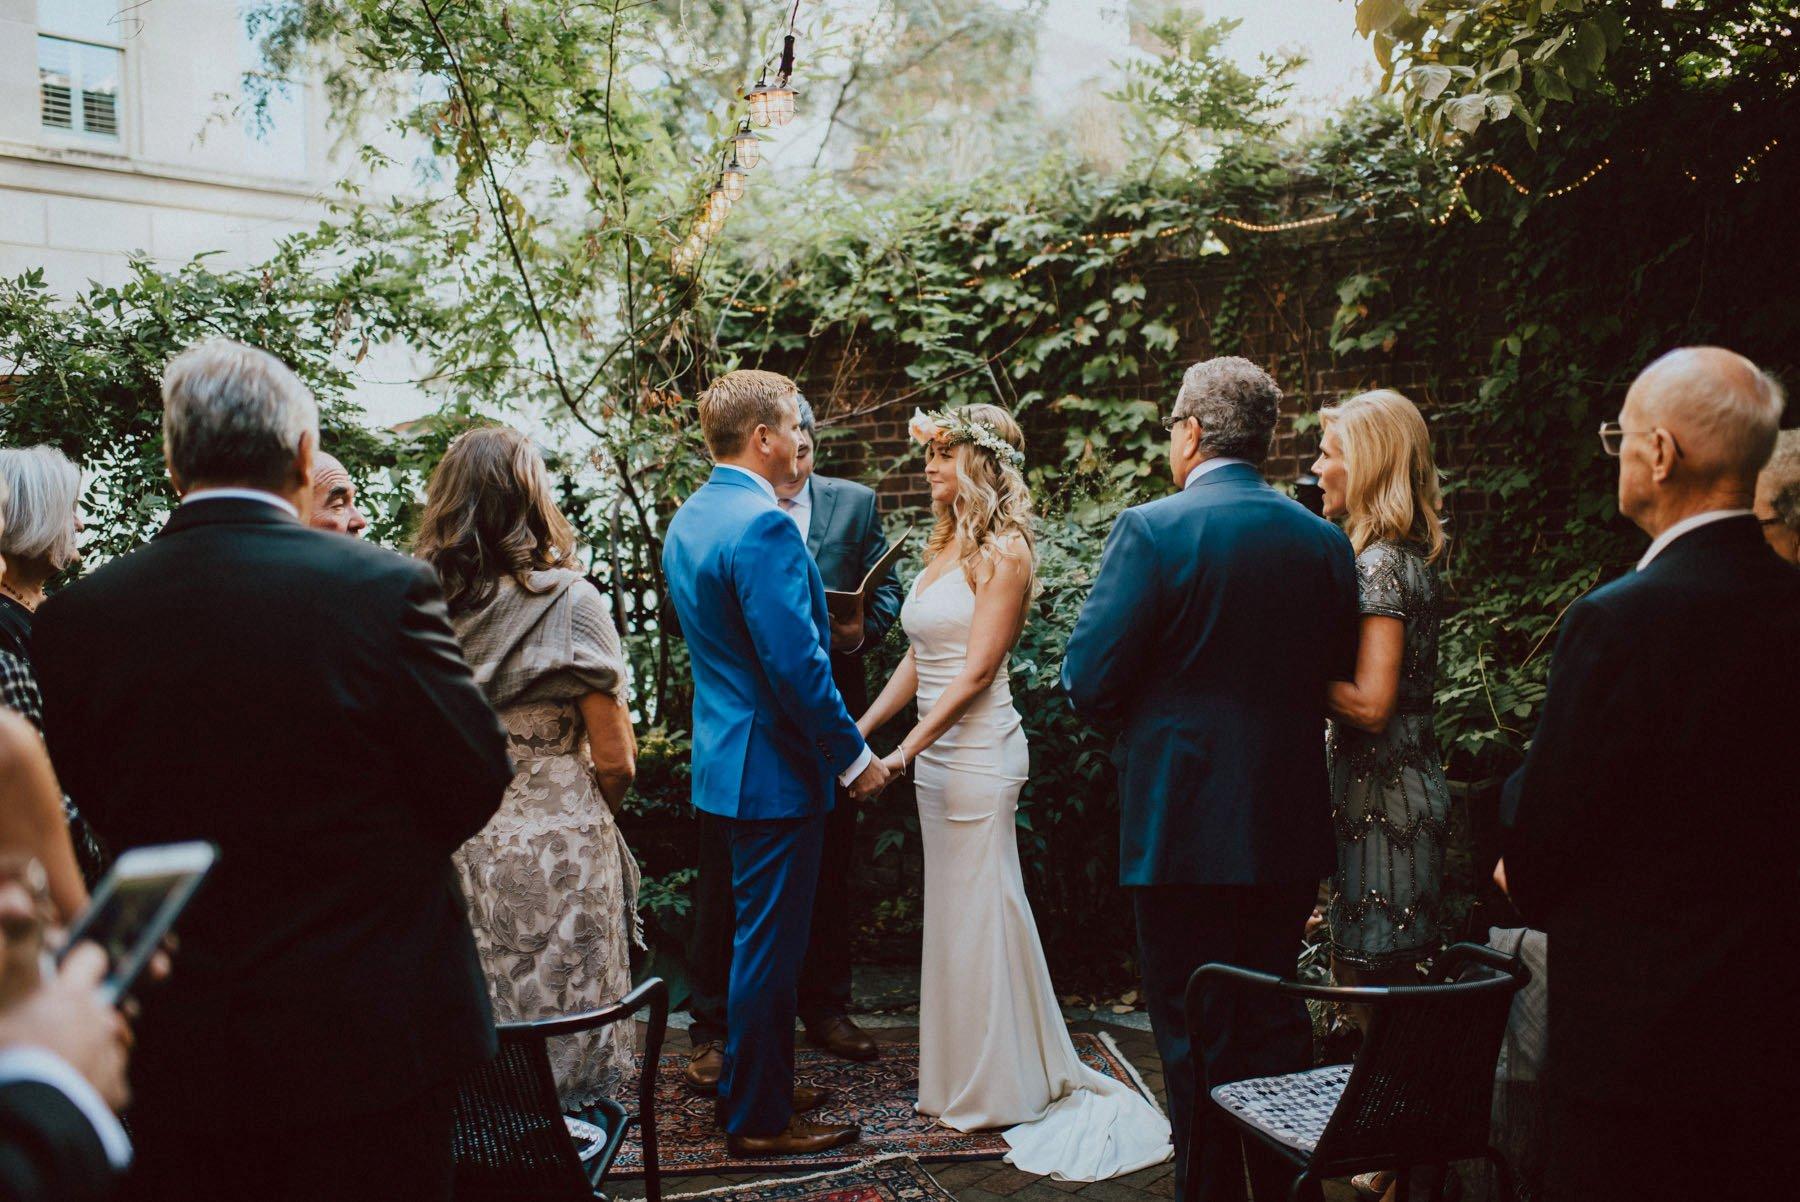 la-cheri-philadelphia-wedding-54.jpg